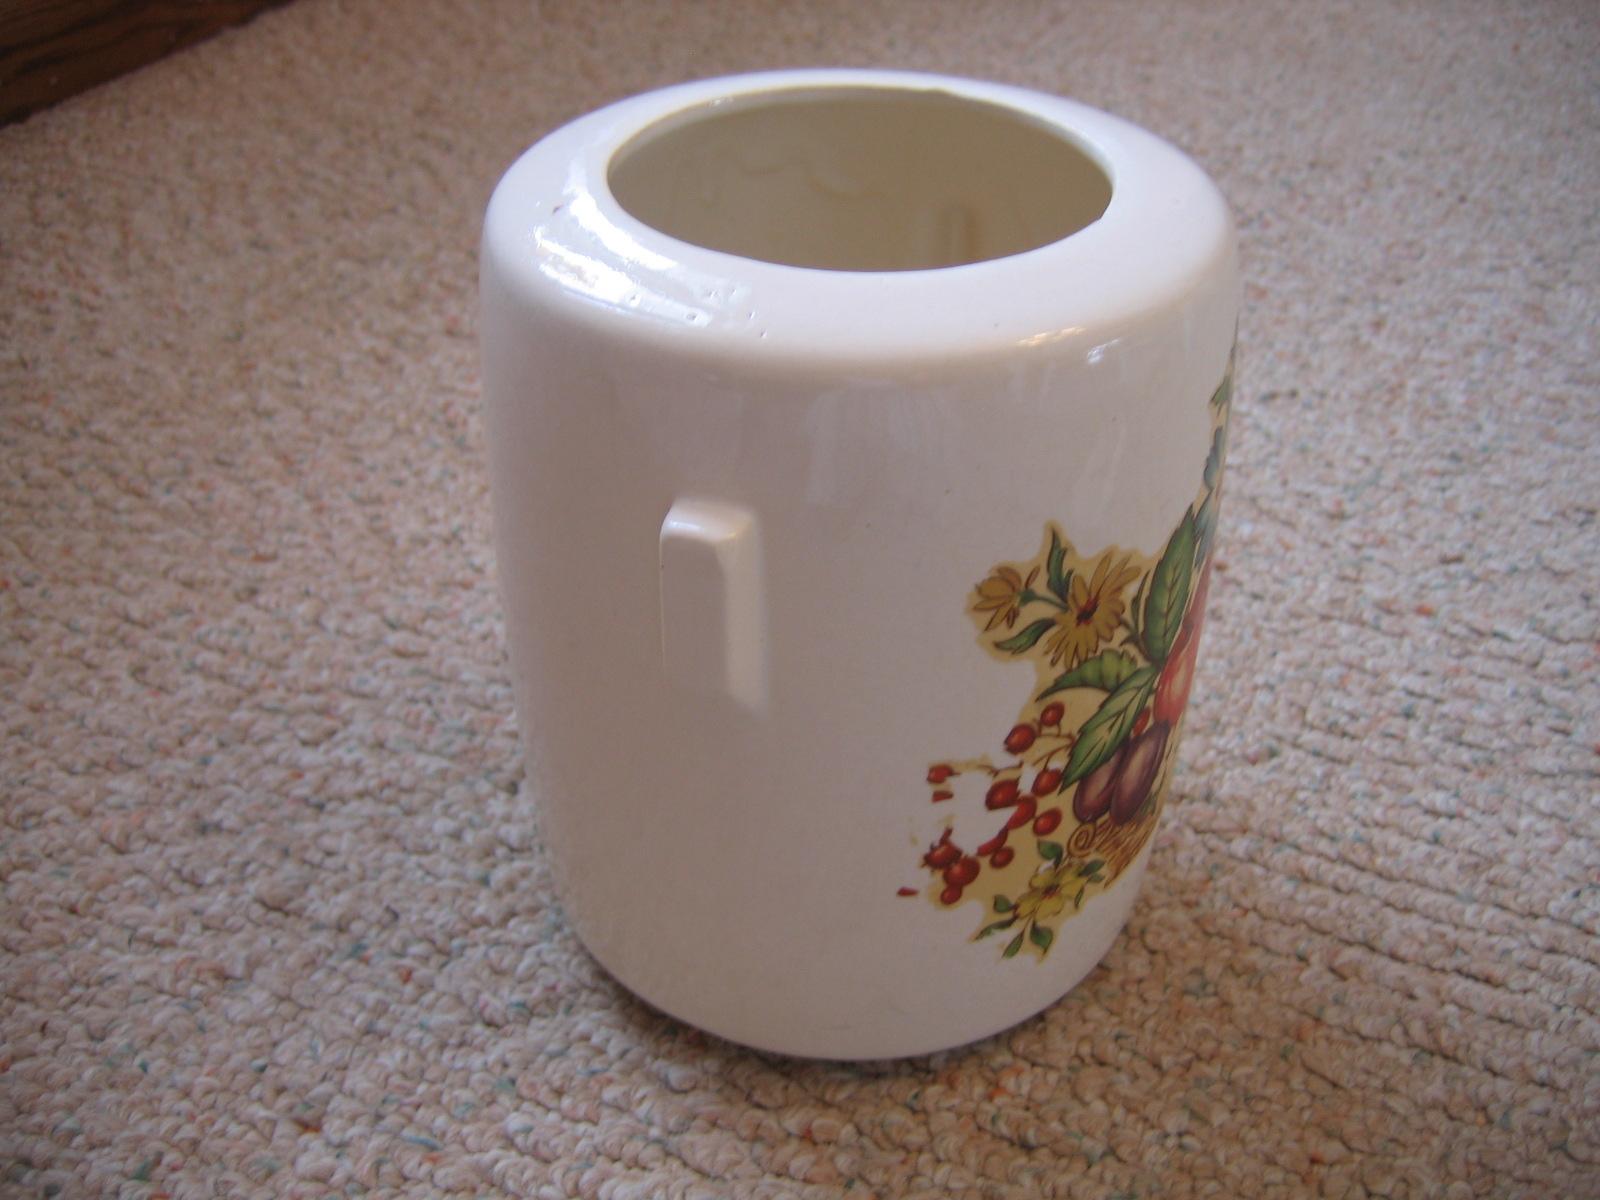 Vintage Mccoy Floral Fruit Design Pottery Cookie Jar